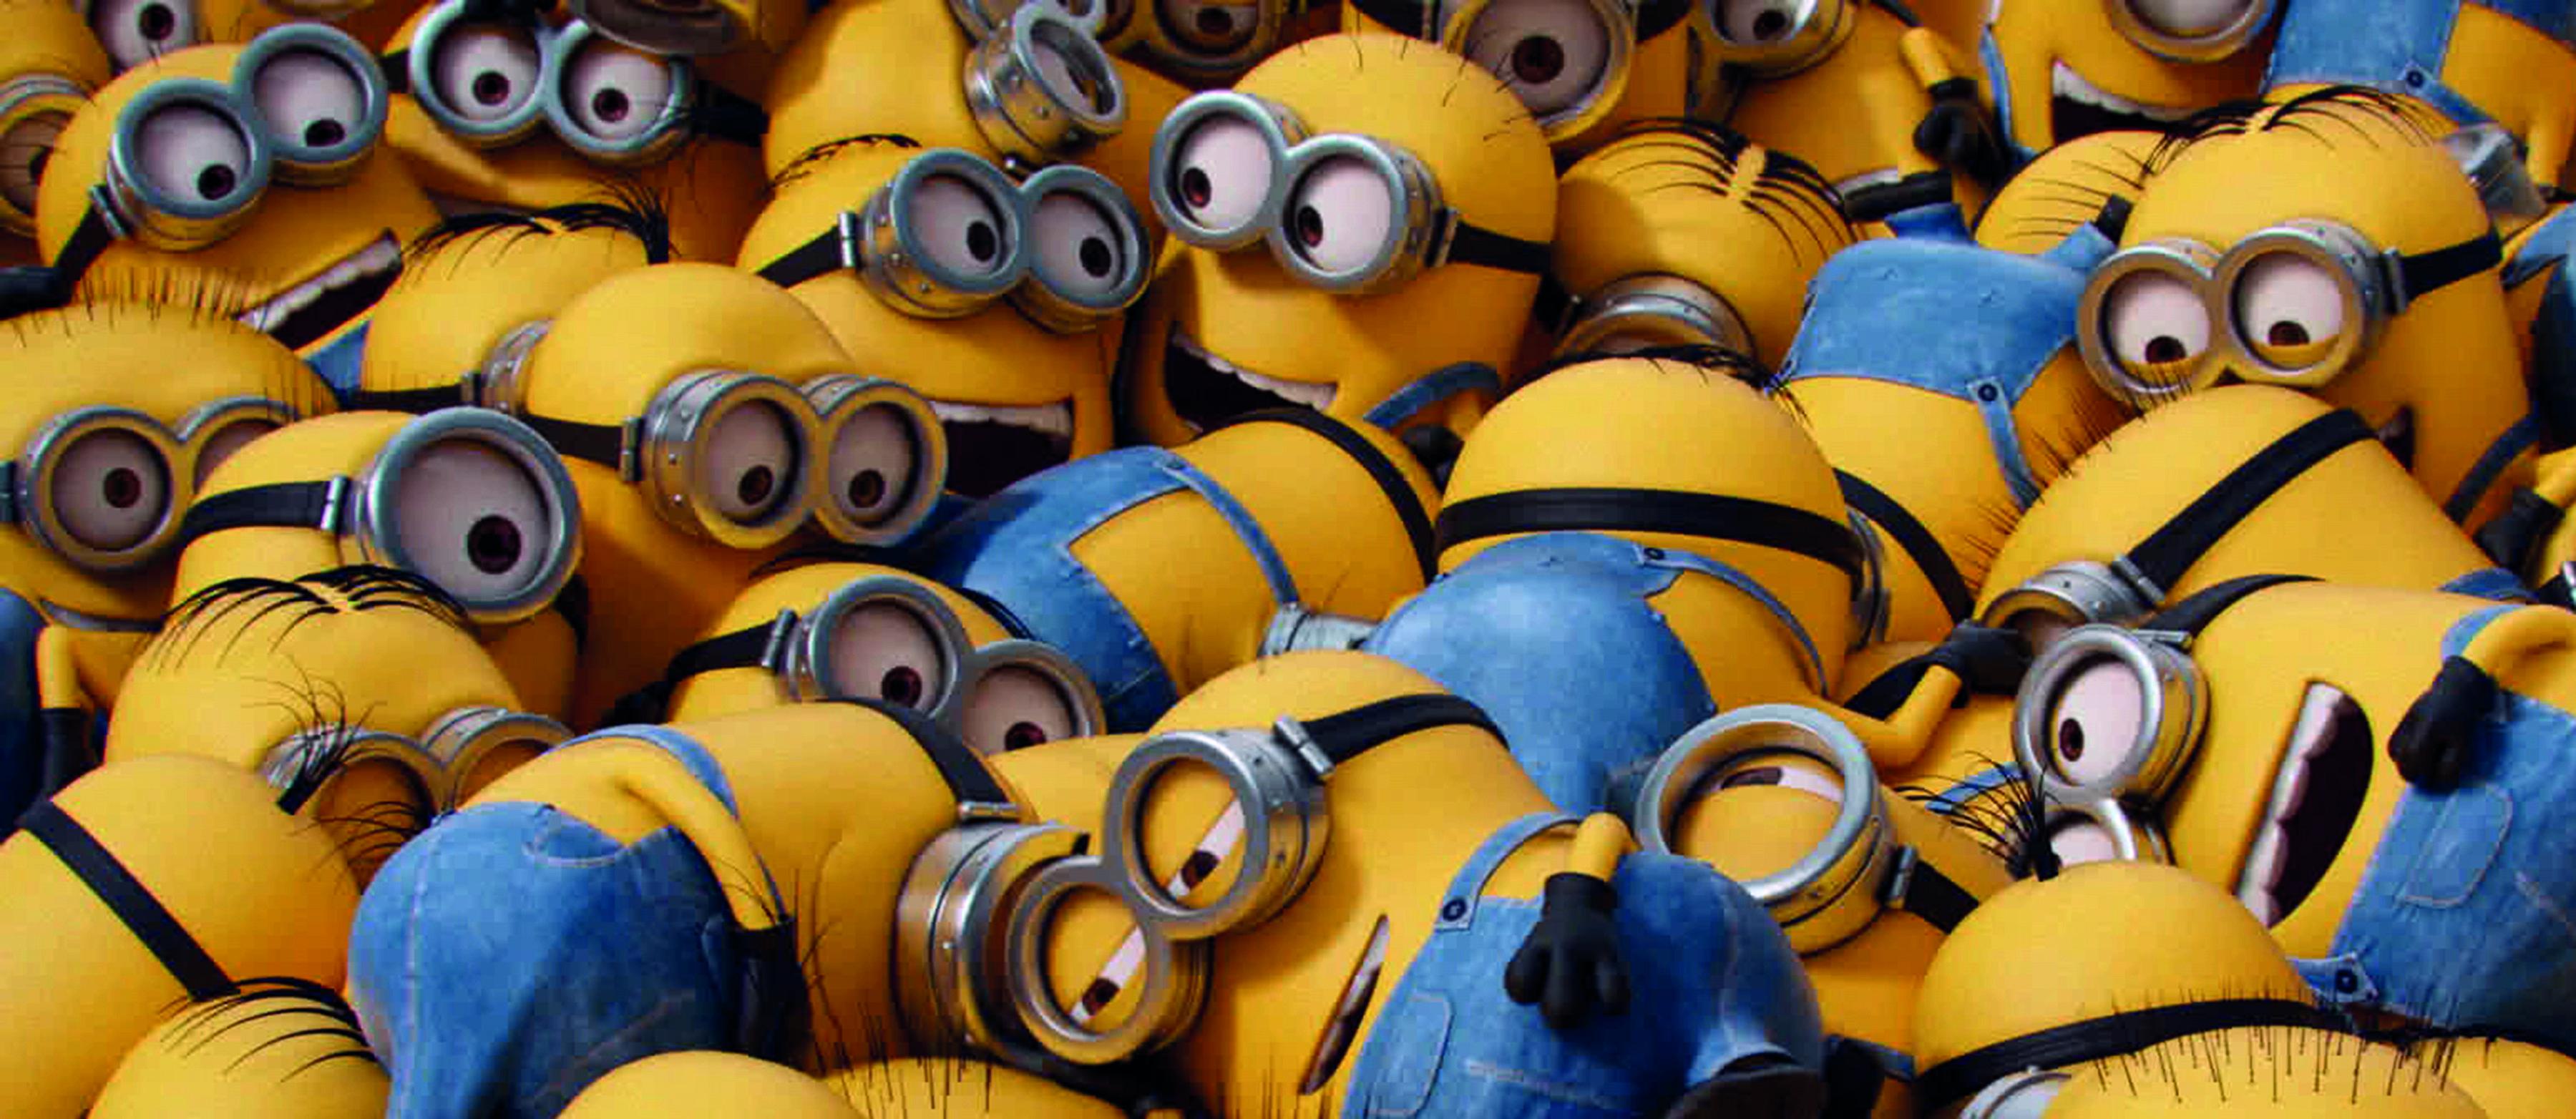 Minions in Minions.